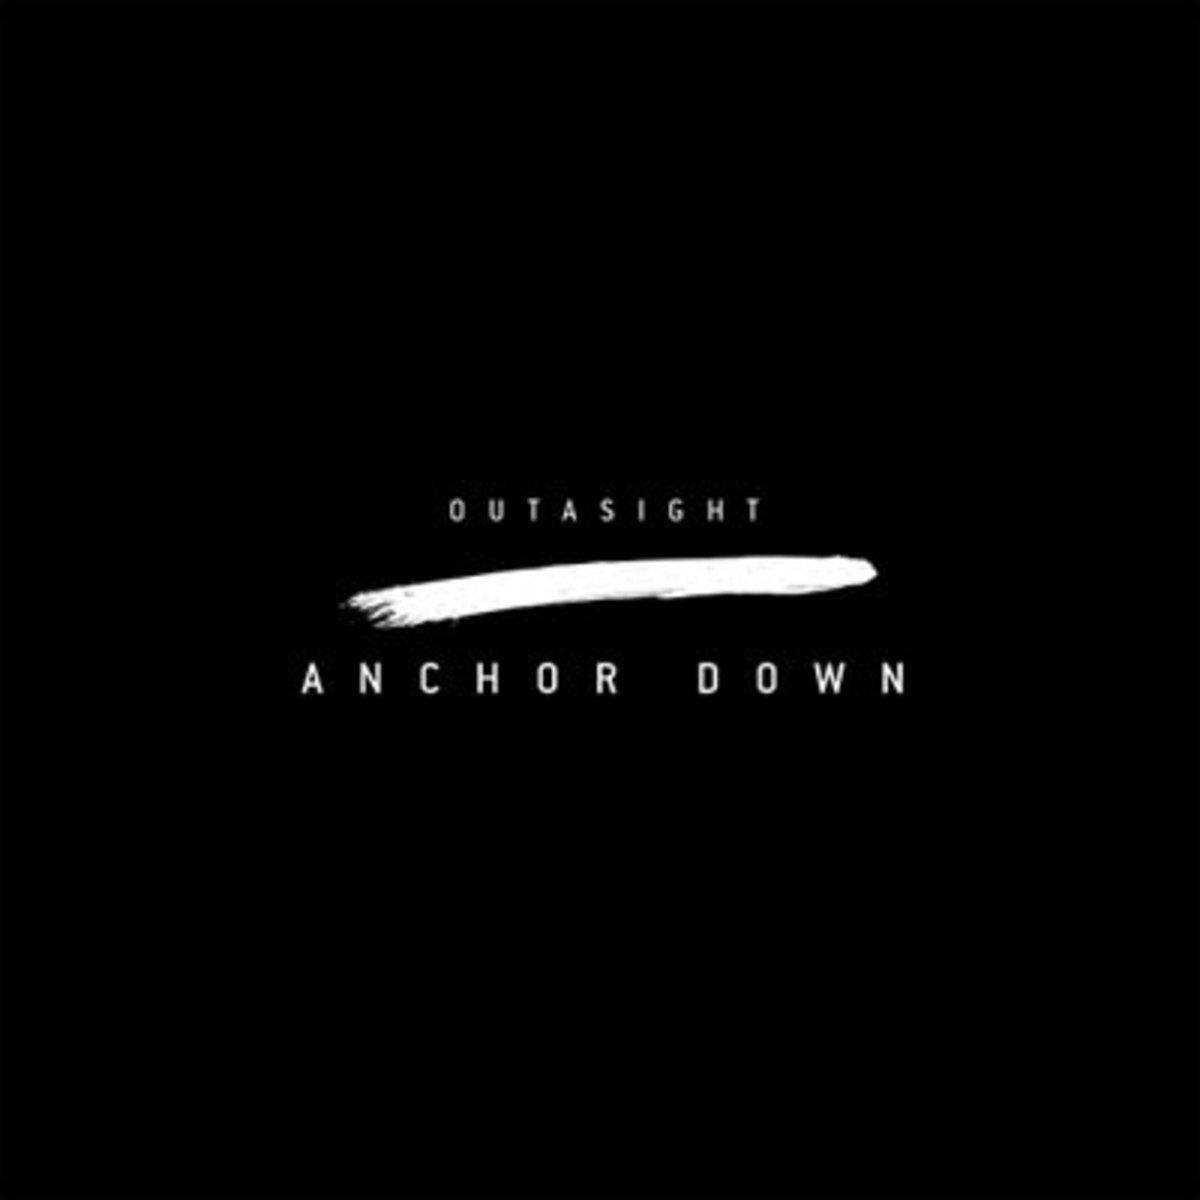 outasight-anchordown.jpg